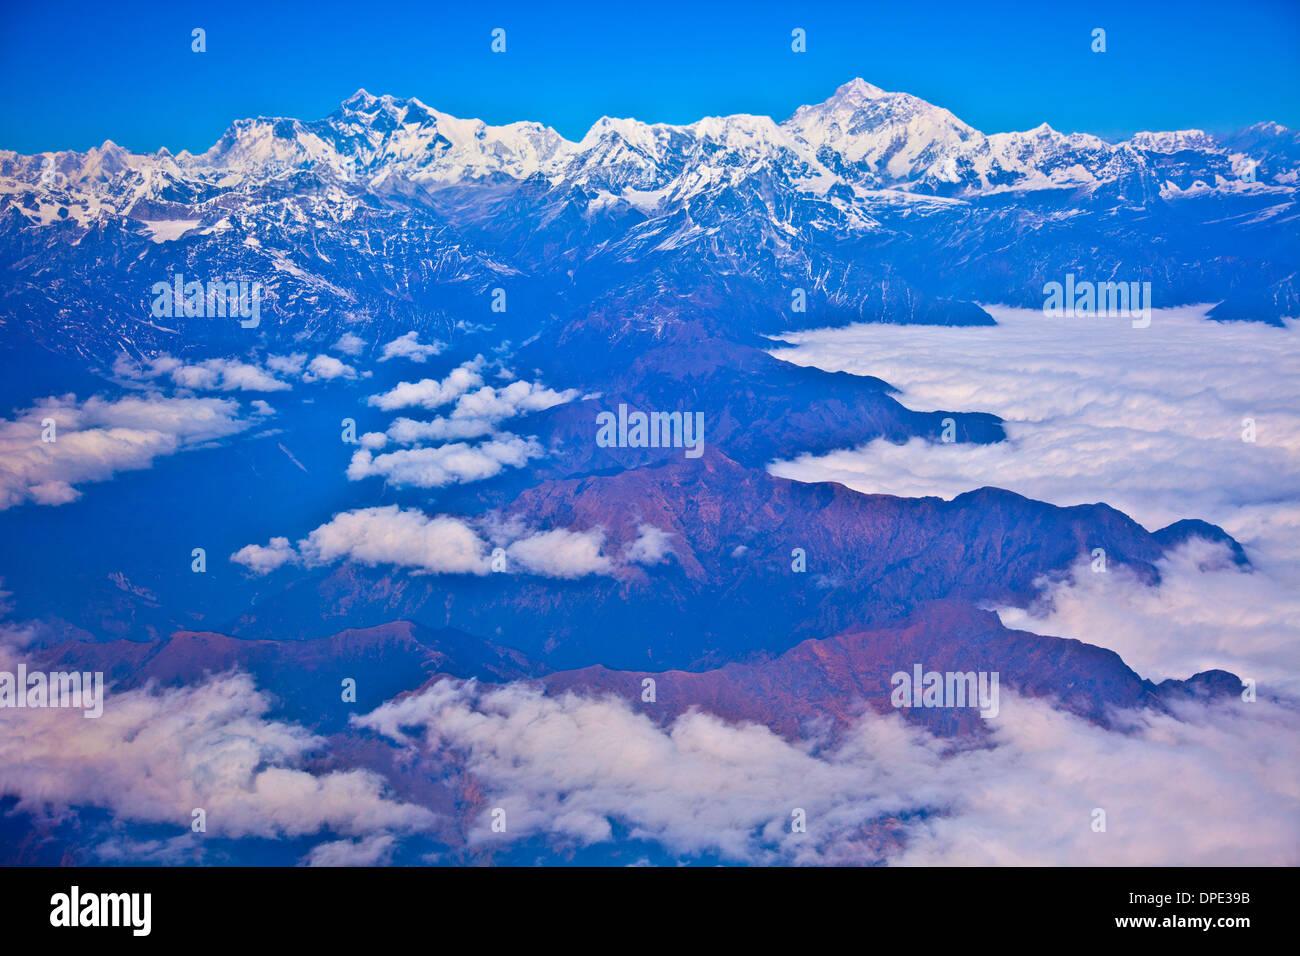 Mt. Everest et des sommets environnants, Sagamatha, Parc national du Népal. Plus haute montagne du monde, l'Himalaya Photo Stock